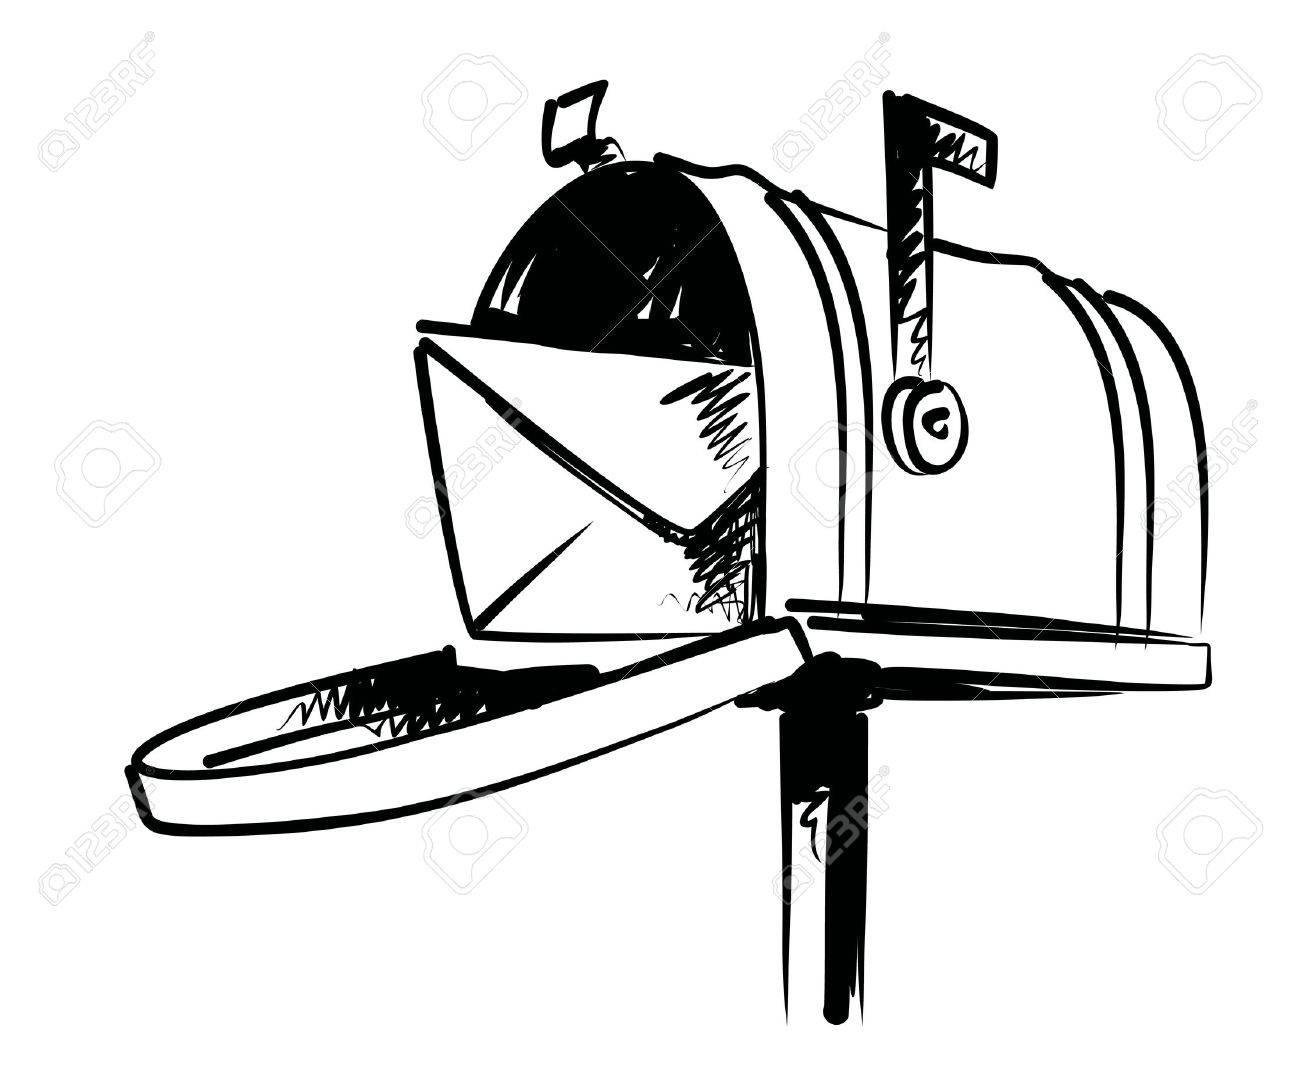 Clipart lettre clip art transparent Boite aux lettres clipart 12 » Clipart Station clip art transparent